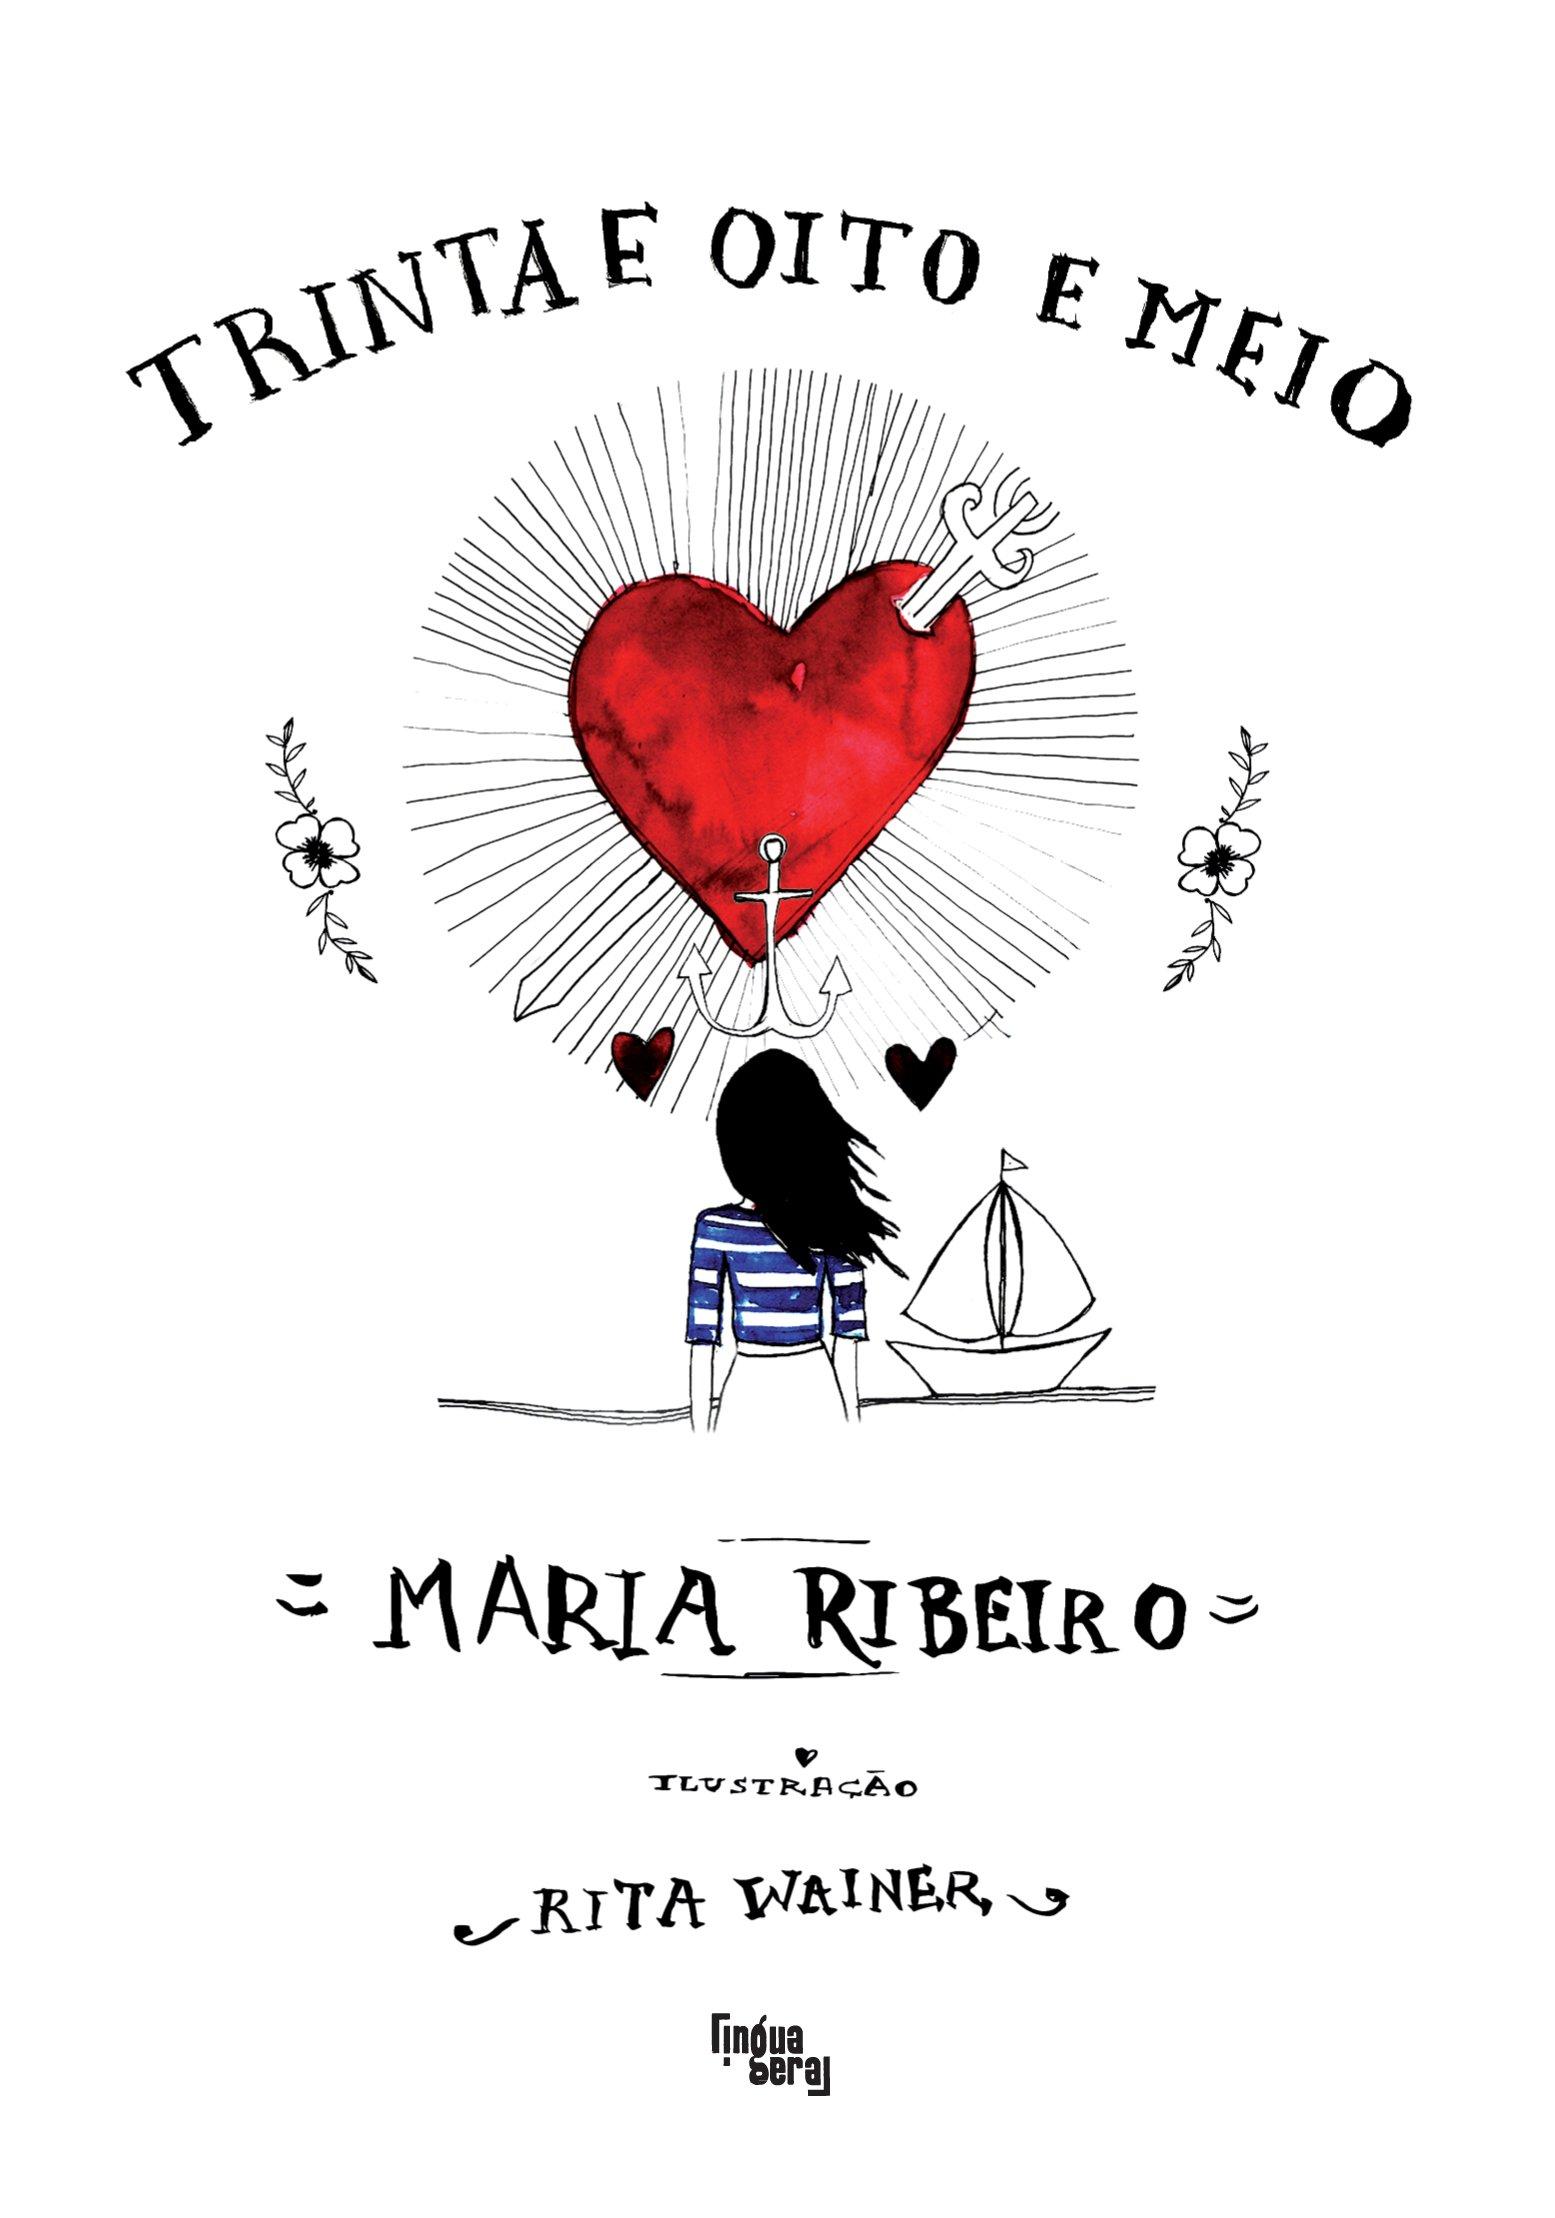 capa do livro trinta e oito e meio